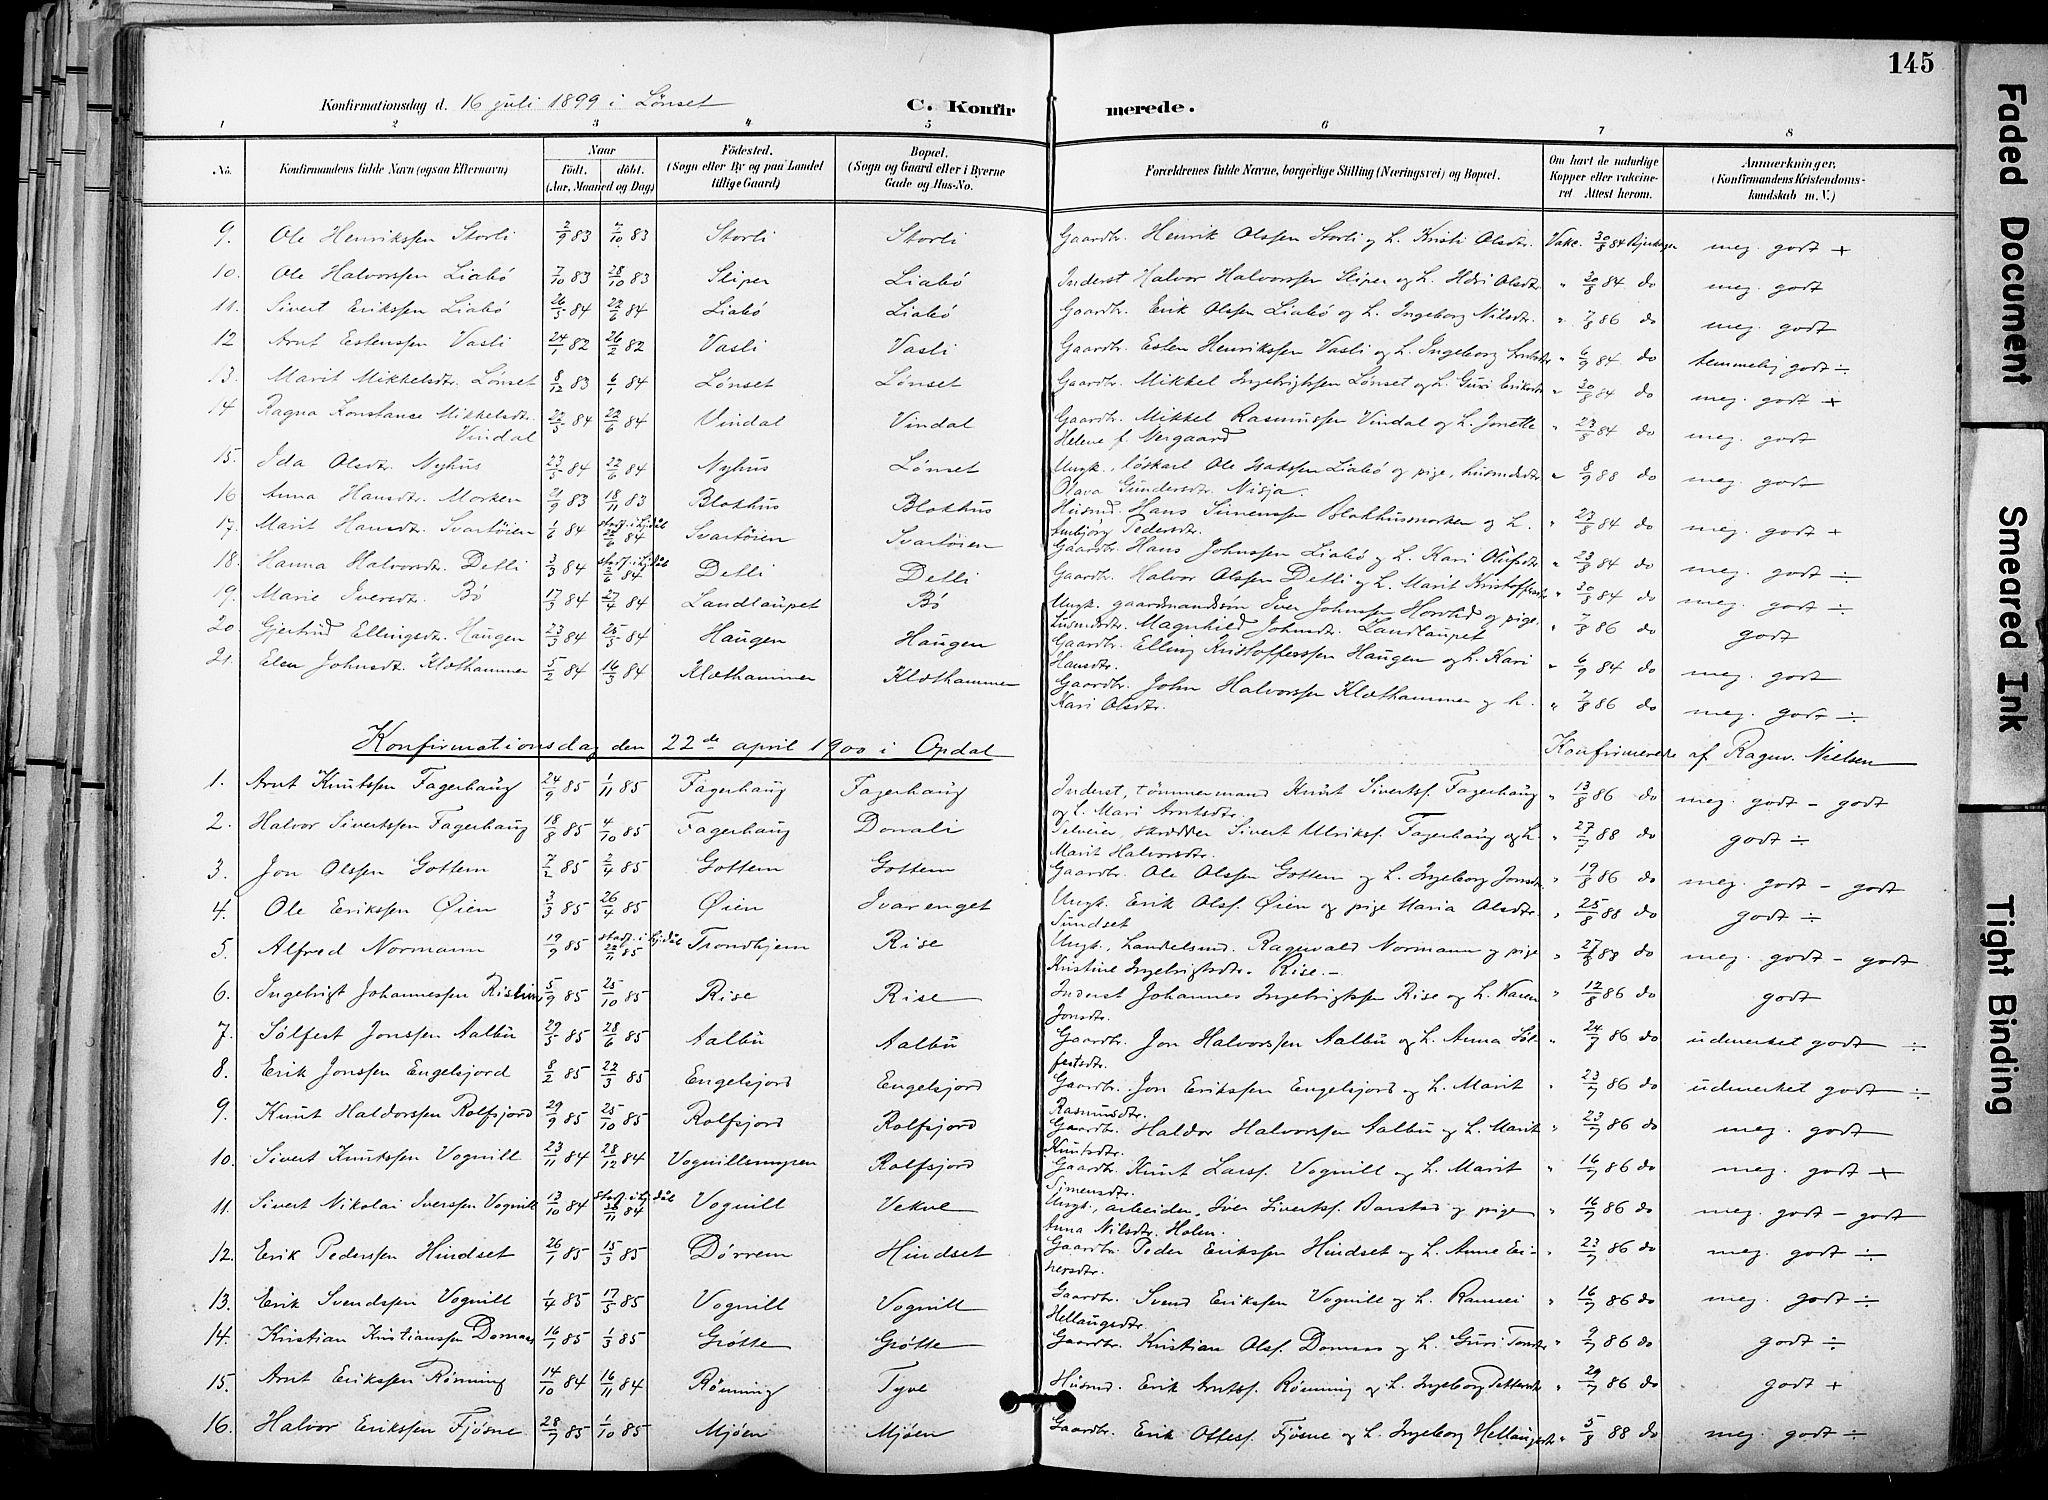 SAT, Ministerialprotokoller, klokkerbøker og fødselsregistre - Sør-Trøndelag, 678/L0902: Ministerialbok nr. 678A11, 1895-1911, s. 145